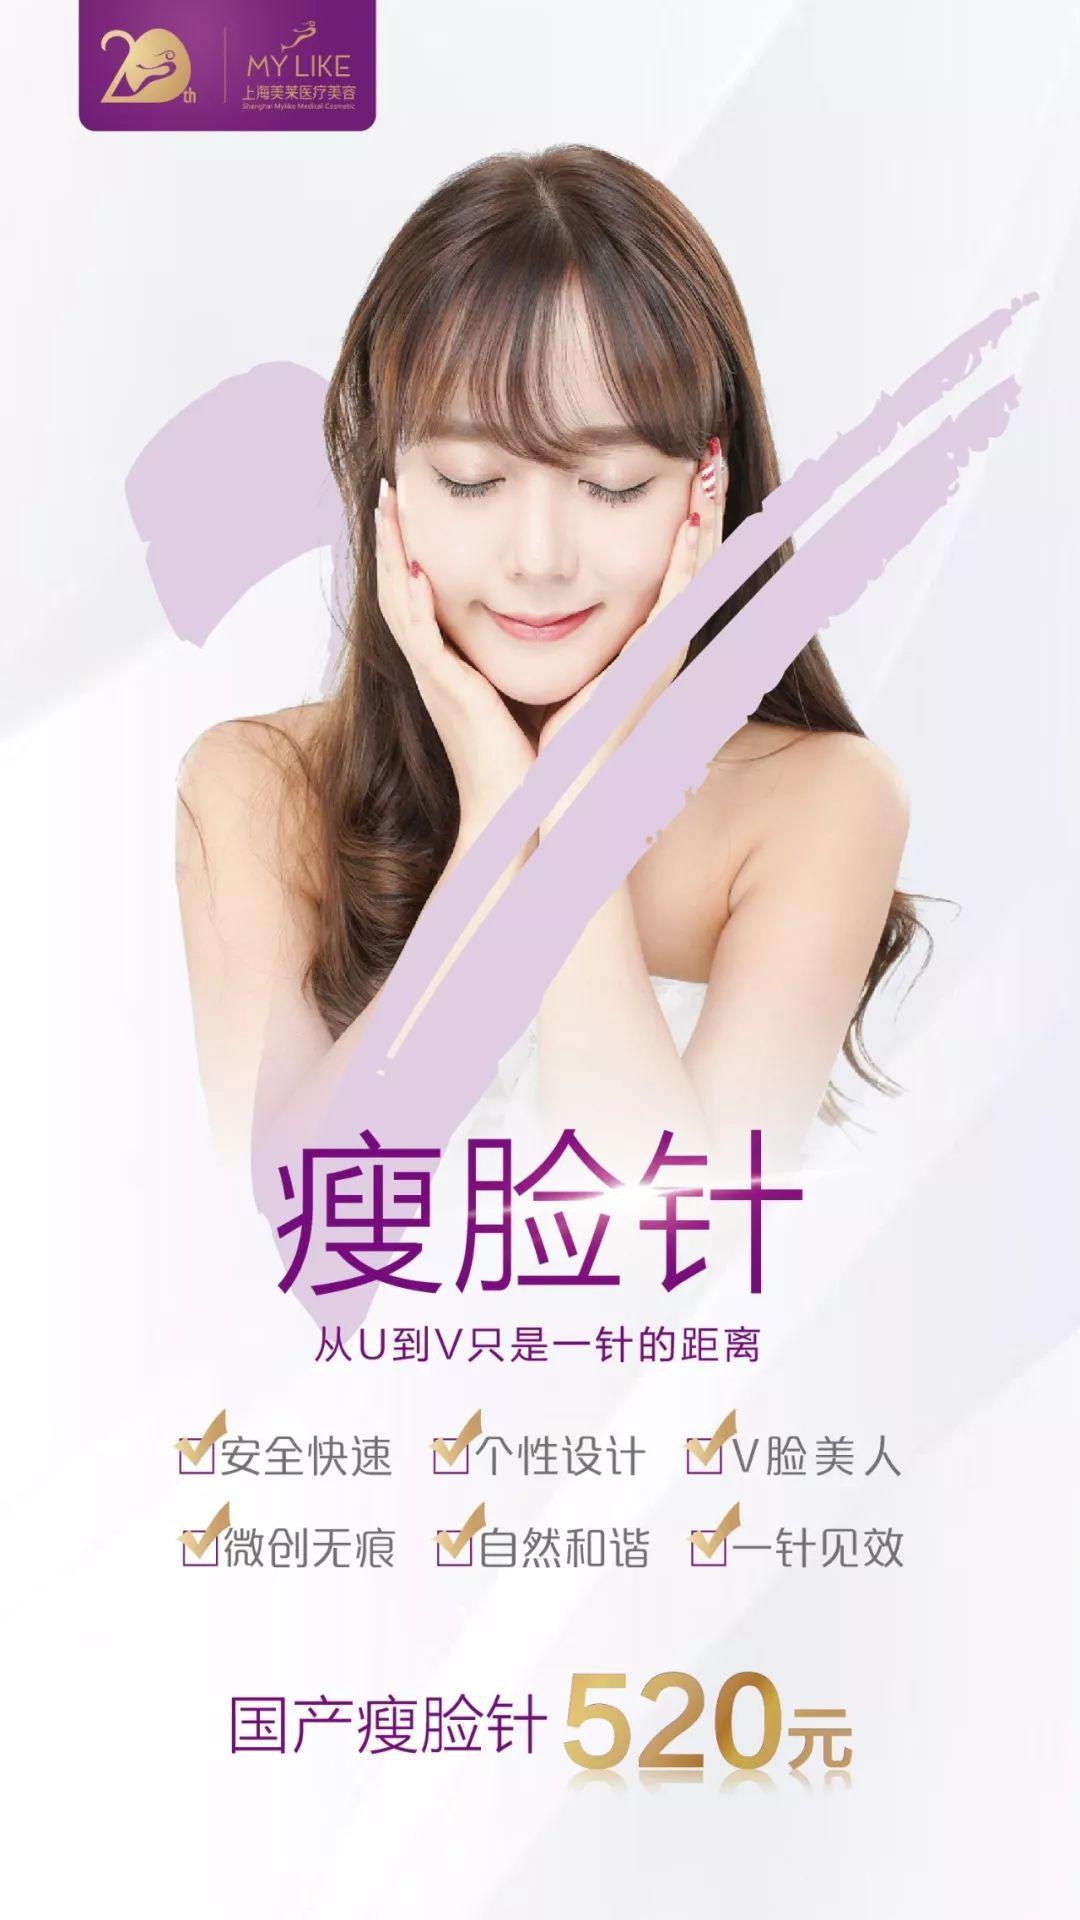 上海美莱周年庆瘦脸针